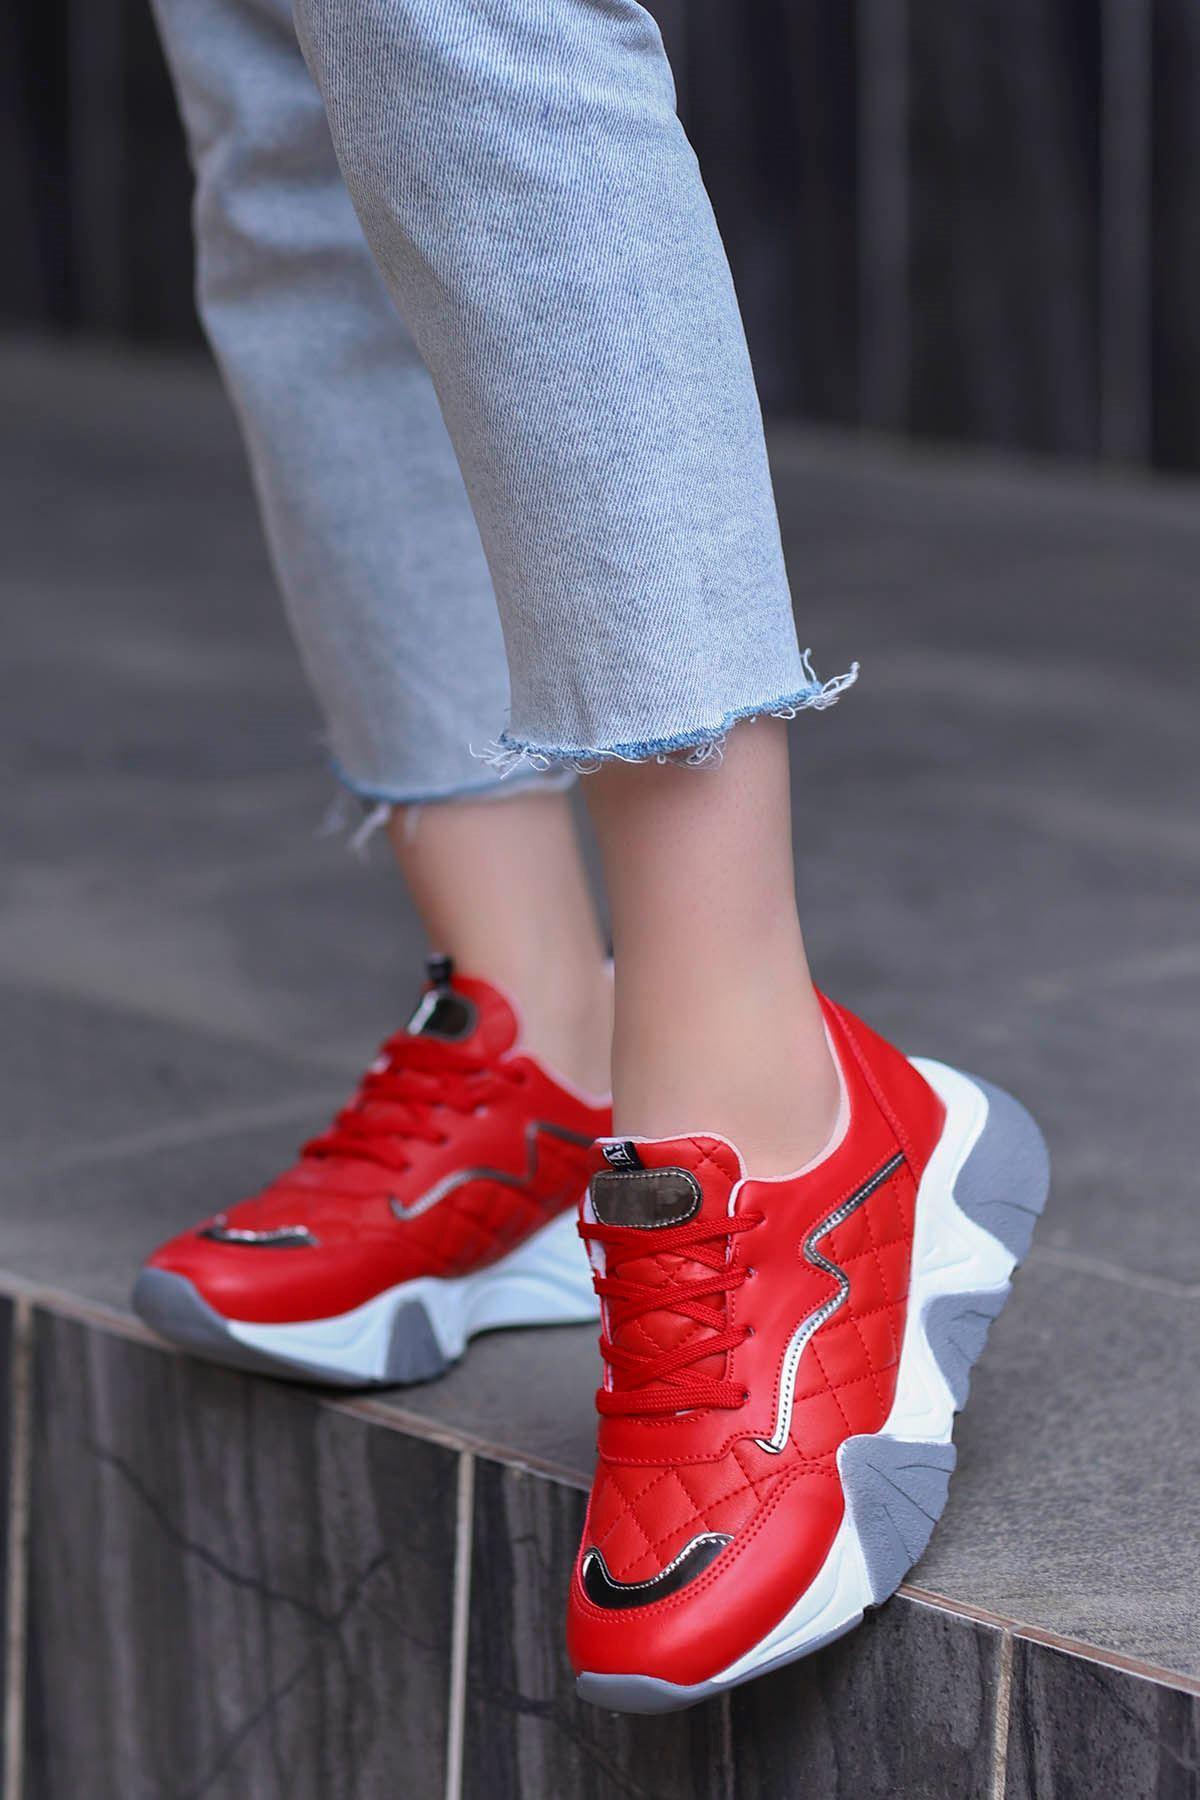 Rio Tabanlı Spor Ayakkabı Kırmızı Deri